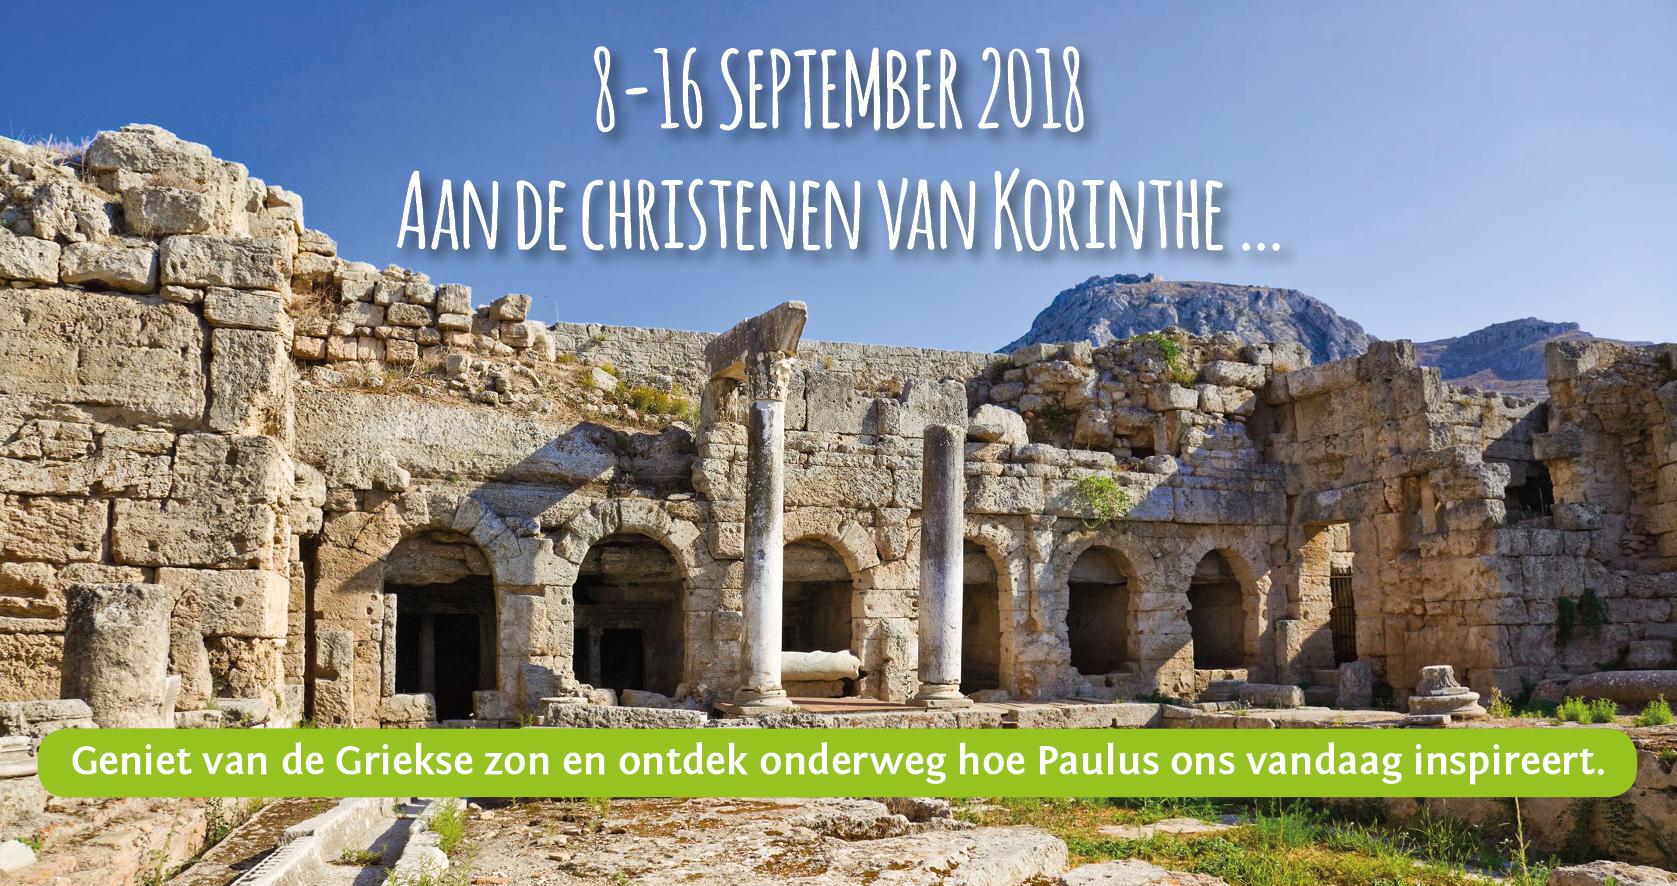 """We zullen tijdens onze reis o.a. de overblijfselen van de Griekse cultuur ontmoeten. Met IJD op reis naar Griekenland: """"Aan de christenen van Kortinthe..."""""""